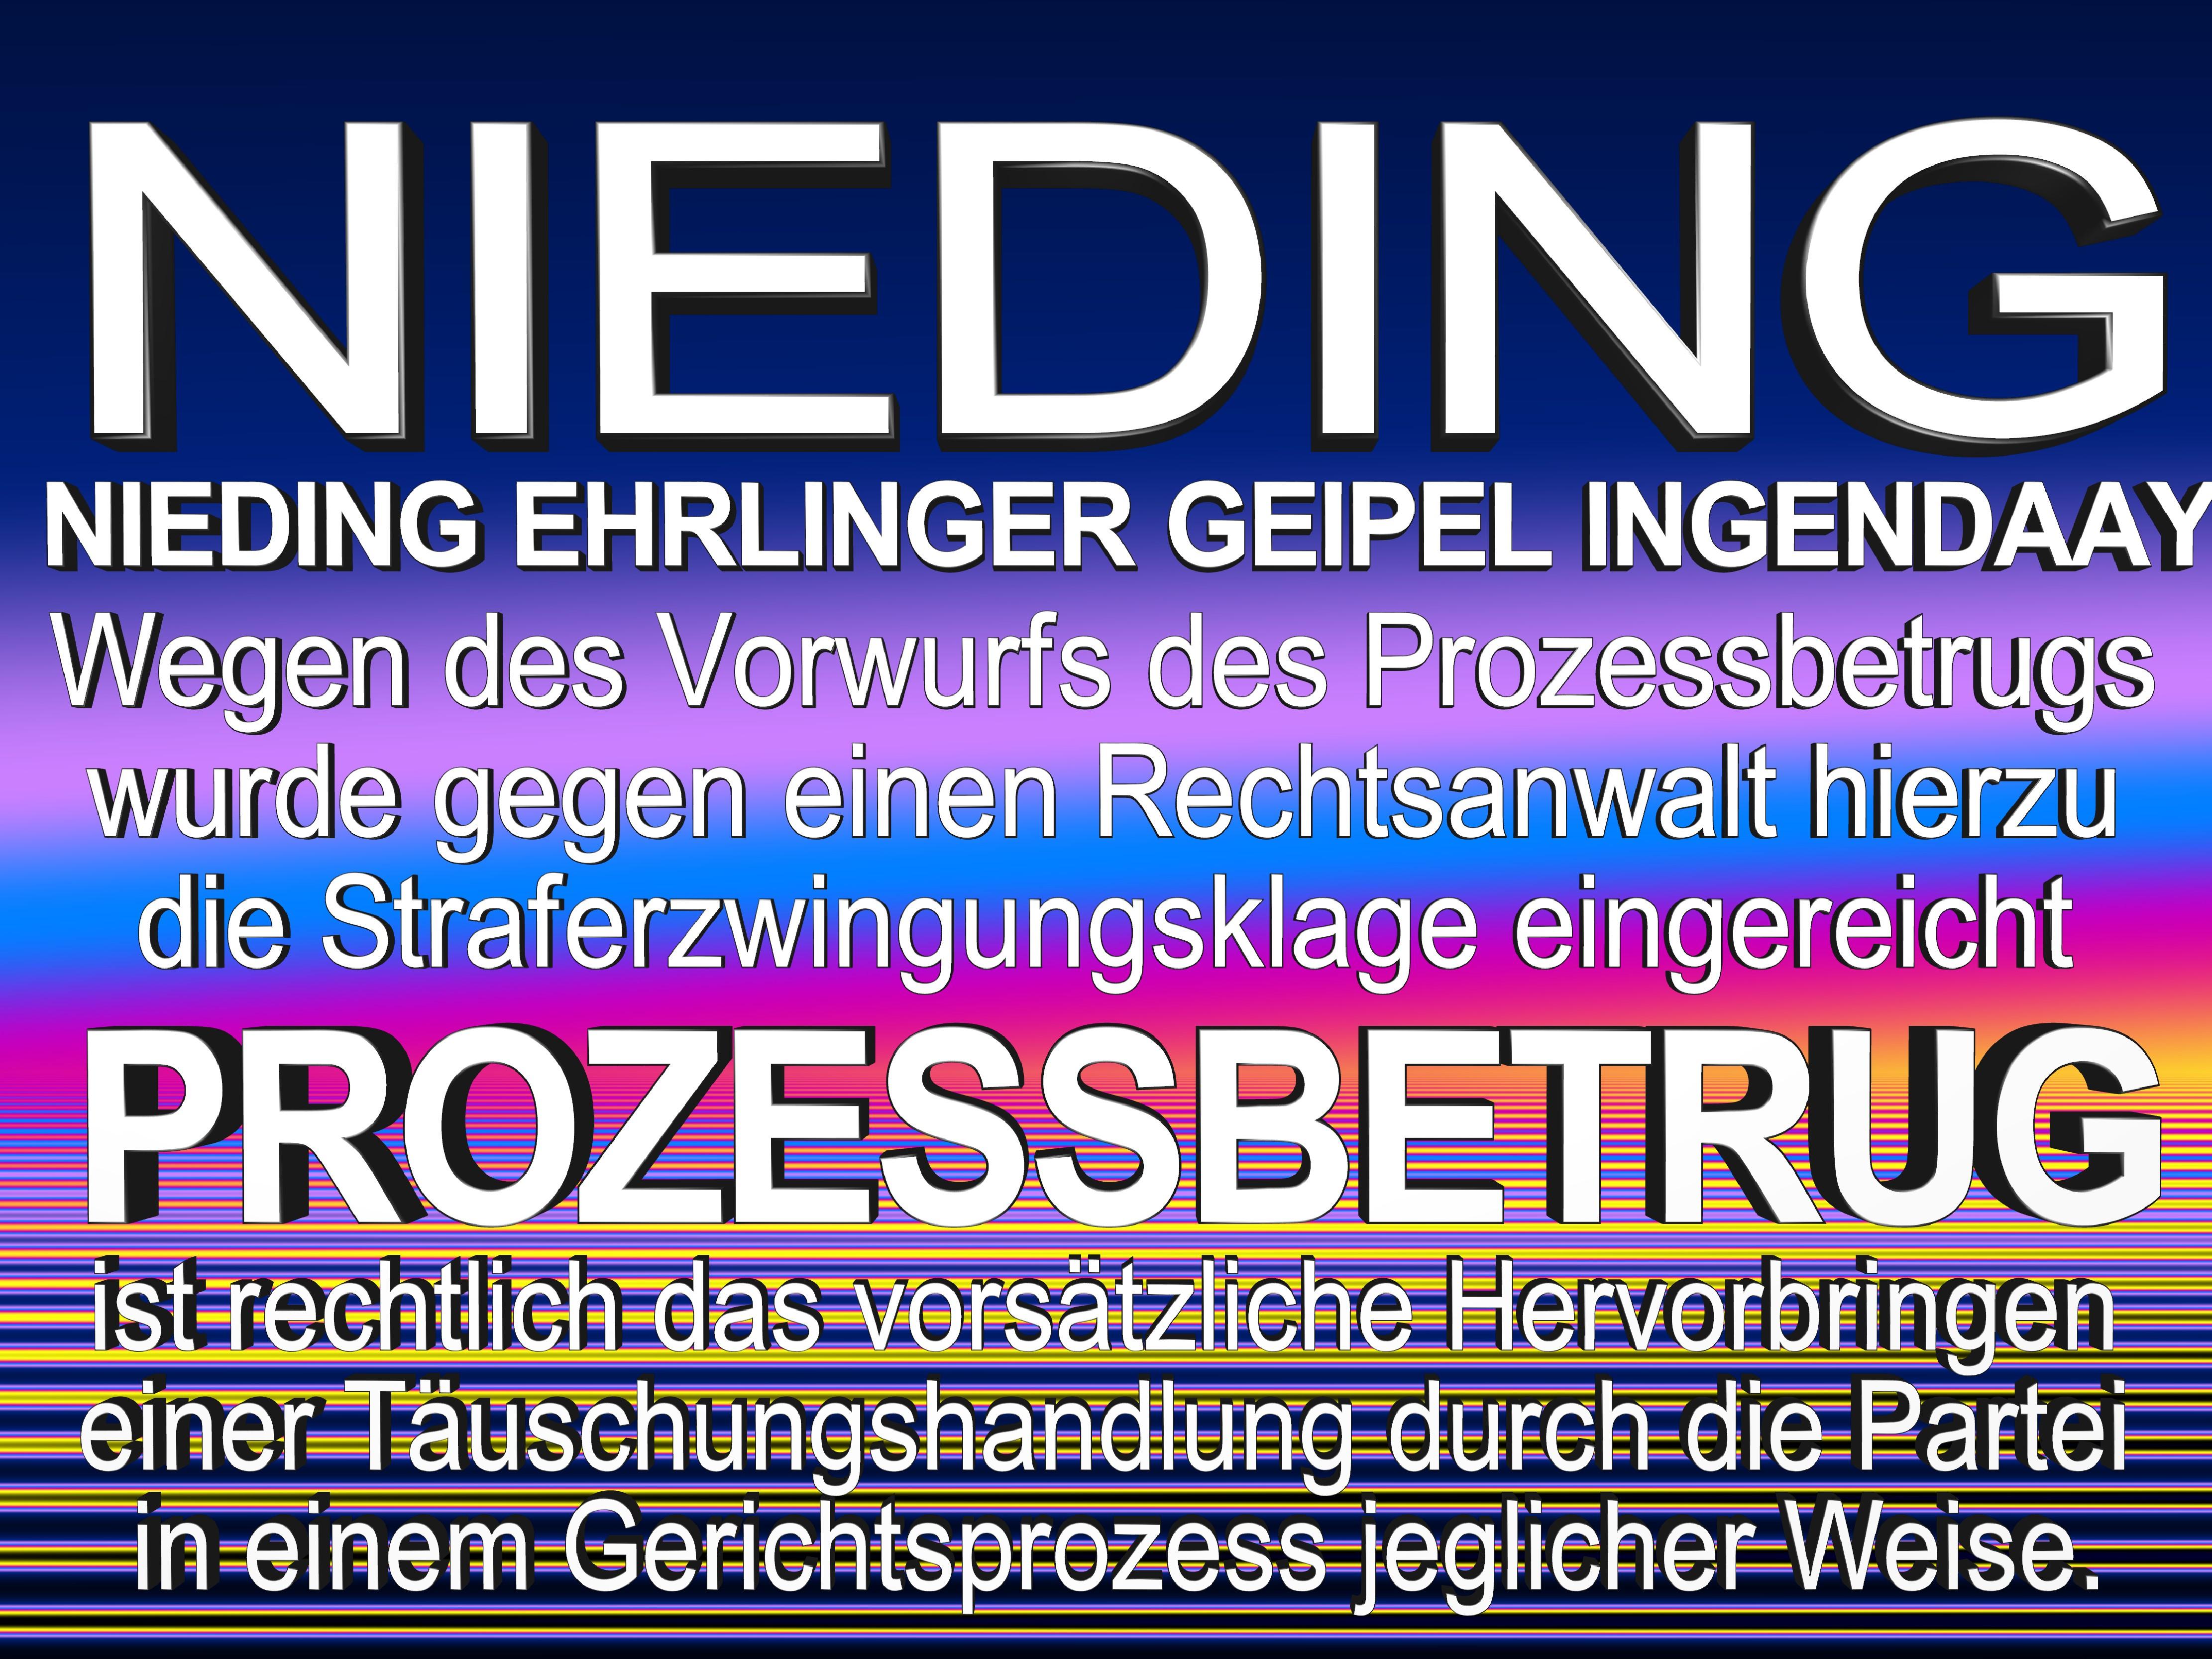 NIEDING EHRLINGER GEIPEL INGENDAAY LELKE Kurfürstendamm 66 Berlin (69)